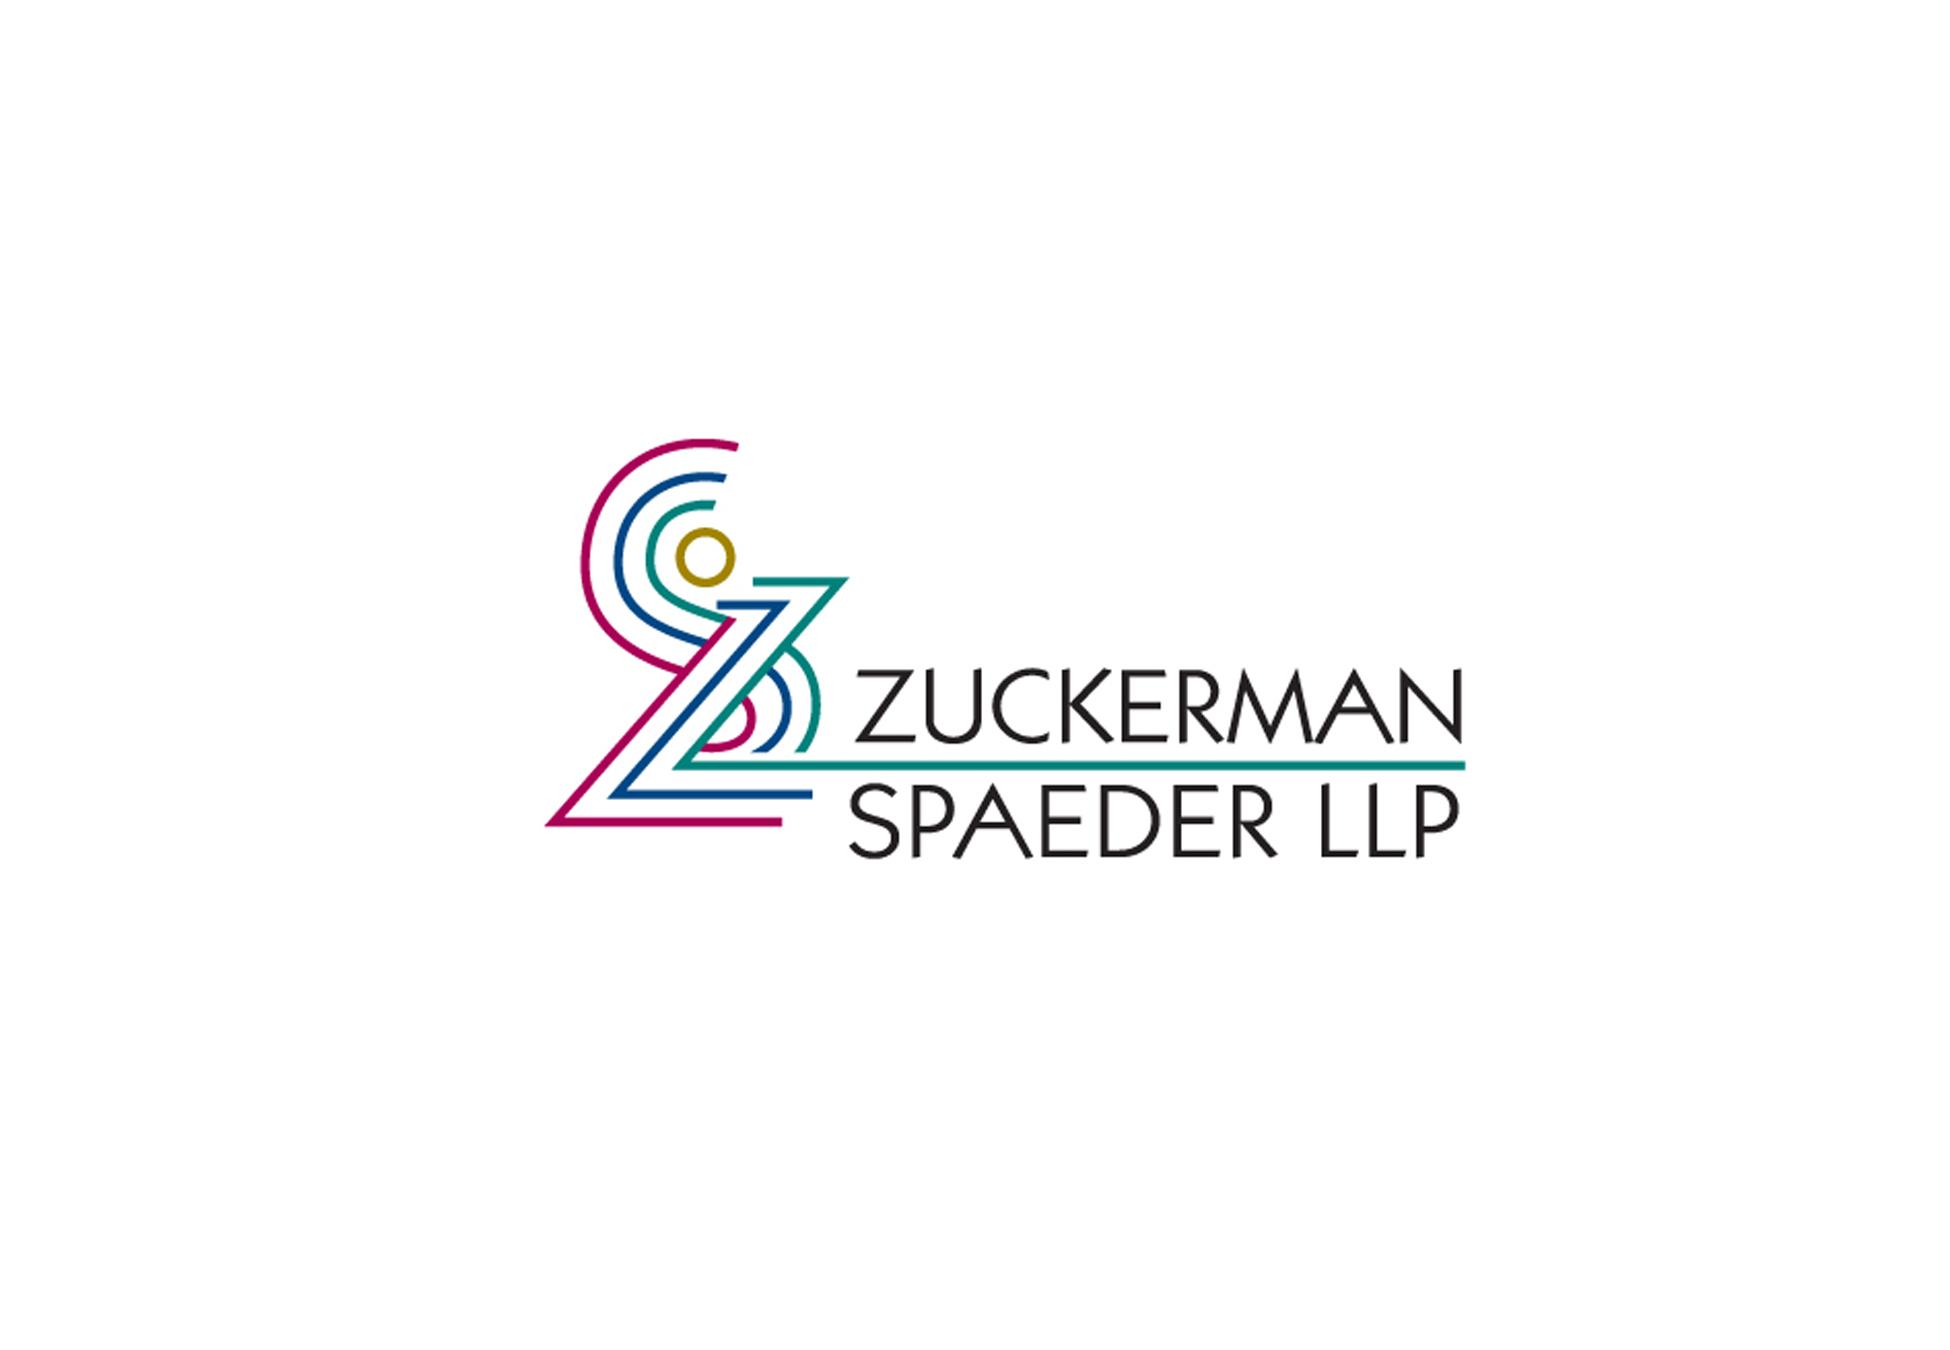 Zuckerman2.jpg